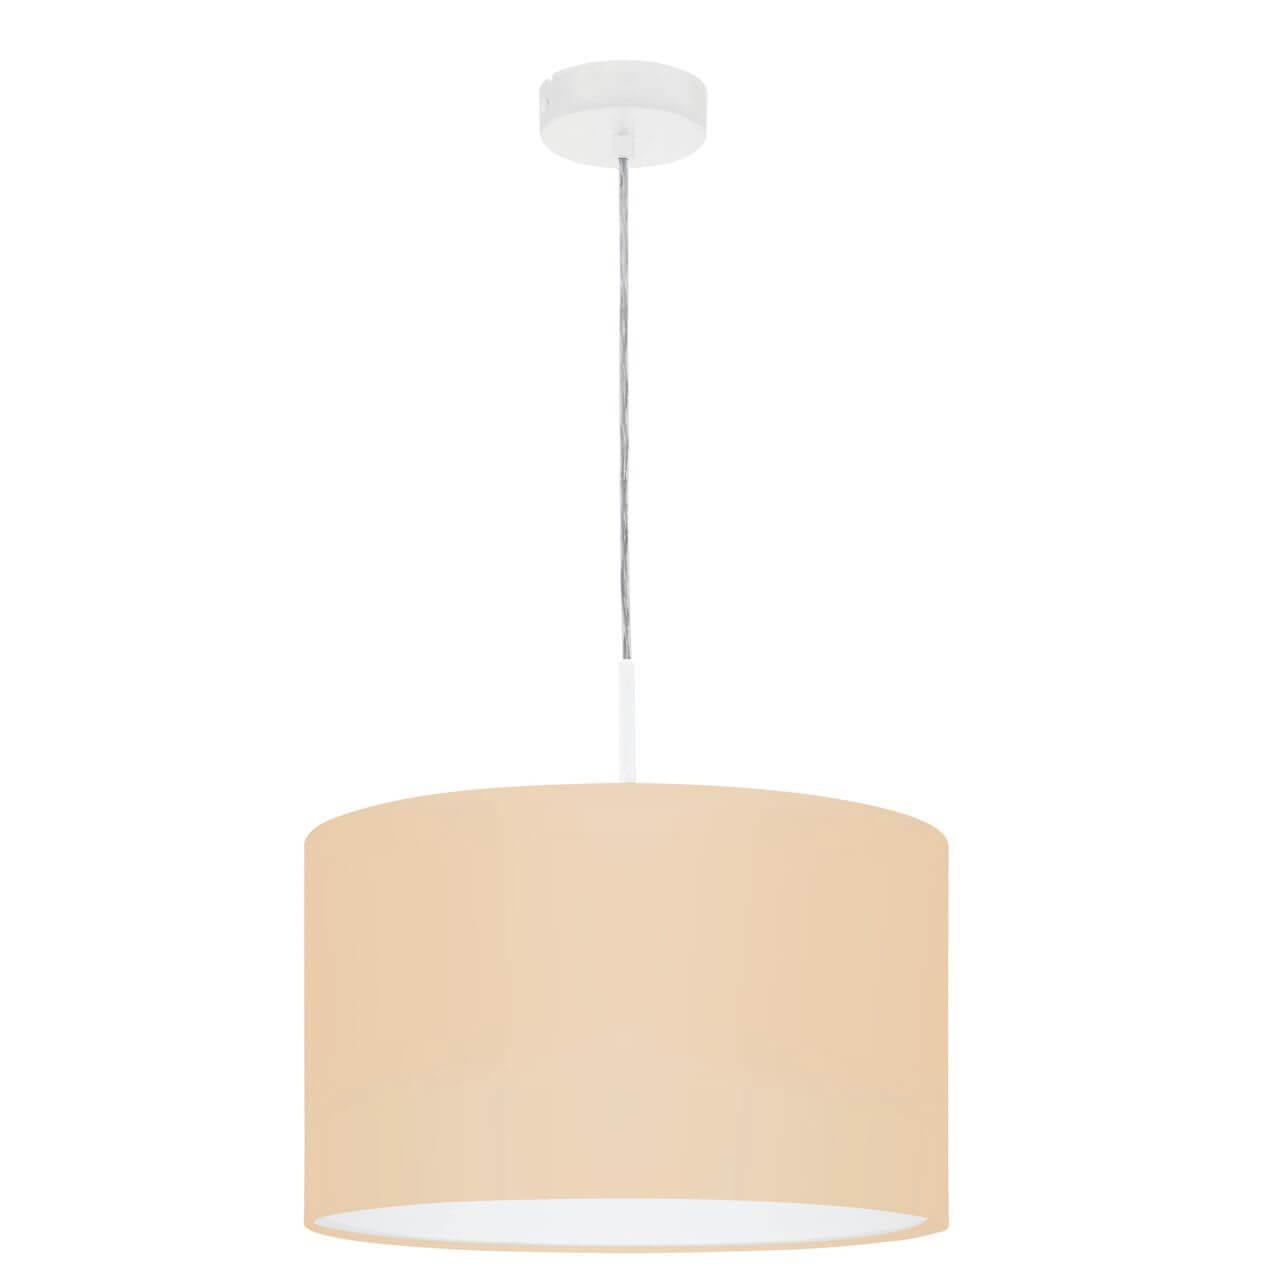 Подвесной светильник Eglo 97561, E27, 60 Вт подвесной светильник eglo pasteri 31577